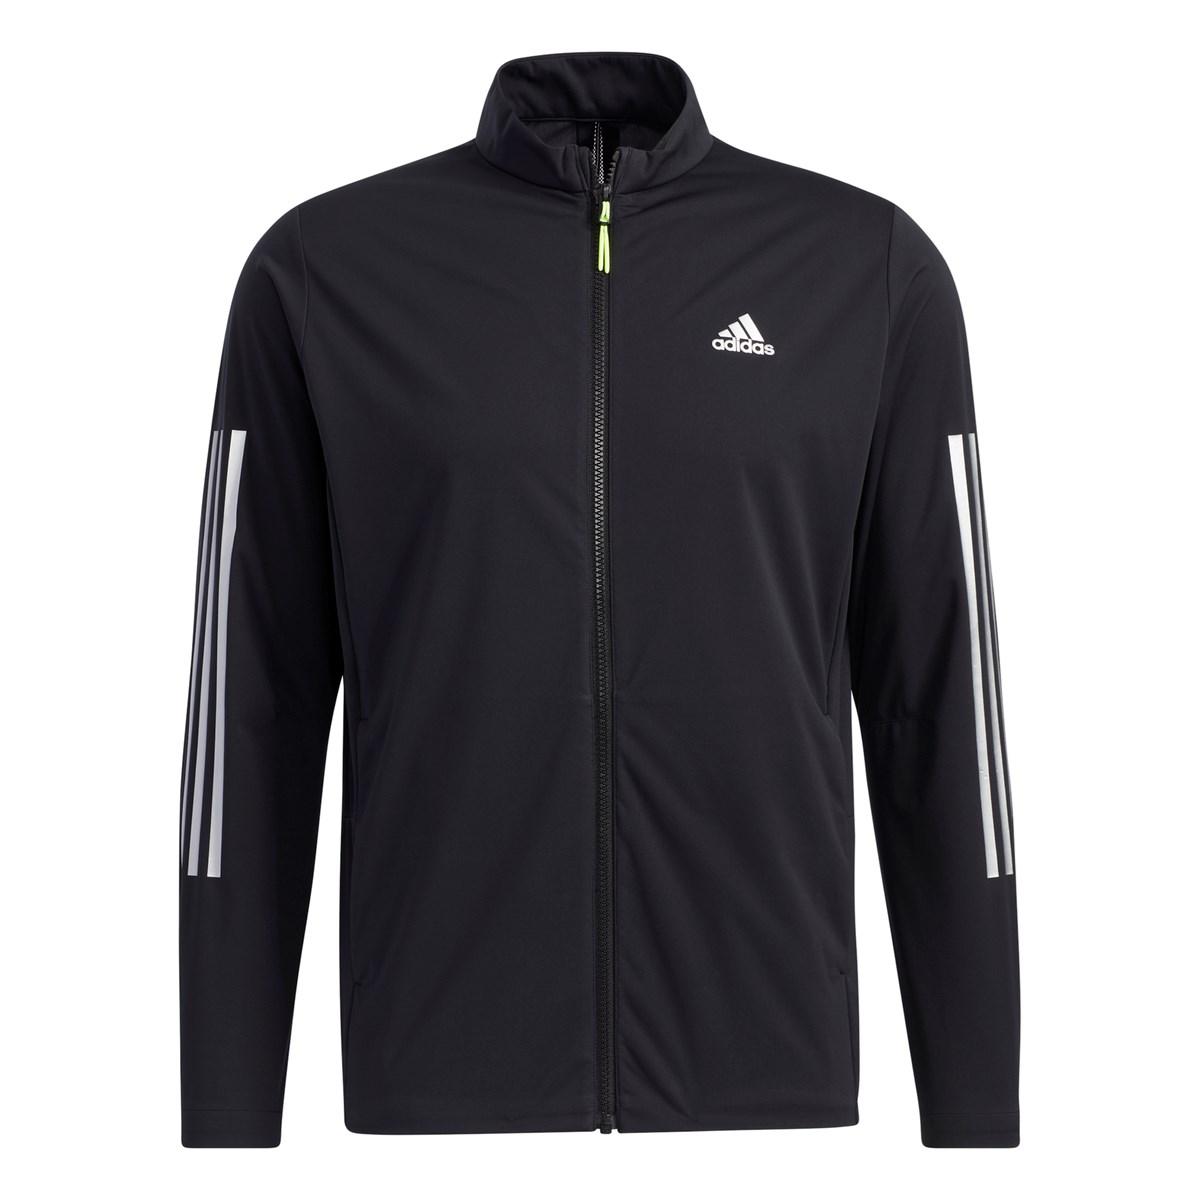 アディダス Adidas スリーレイヤー ストレッチ長袖フルジップウインドジャケット J/M ブラック